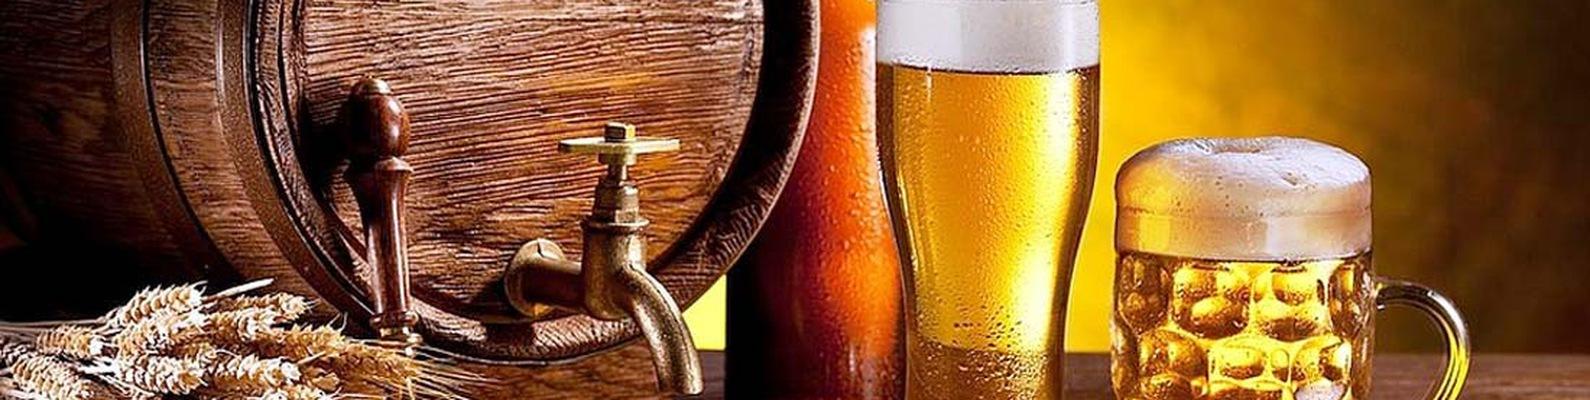 картинки разливного пива и рыбы для рекламы порода